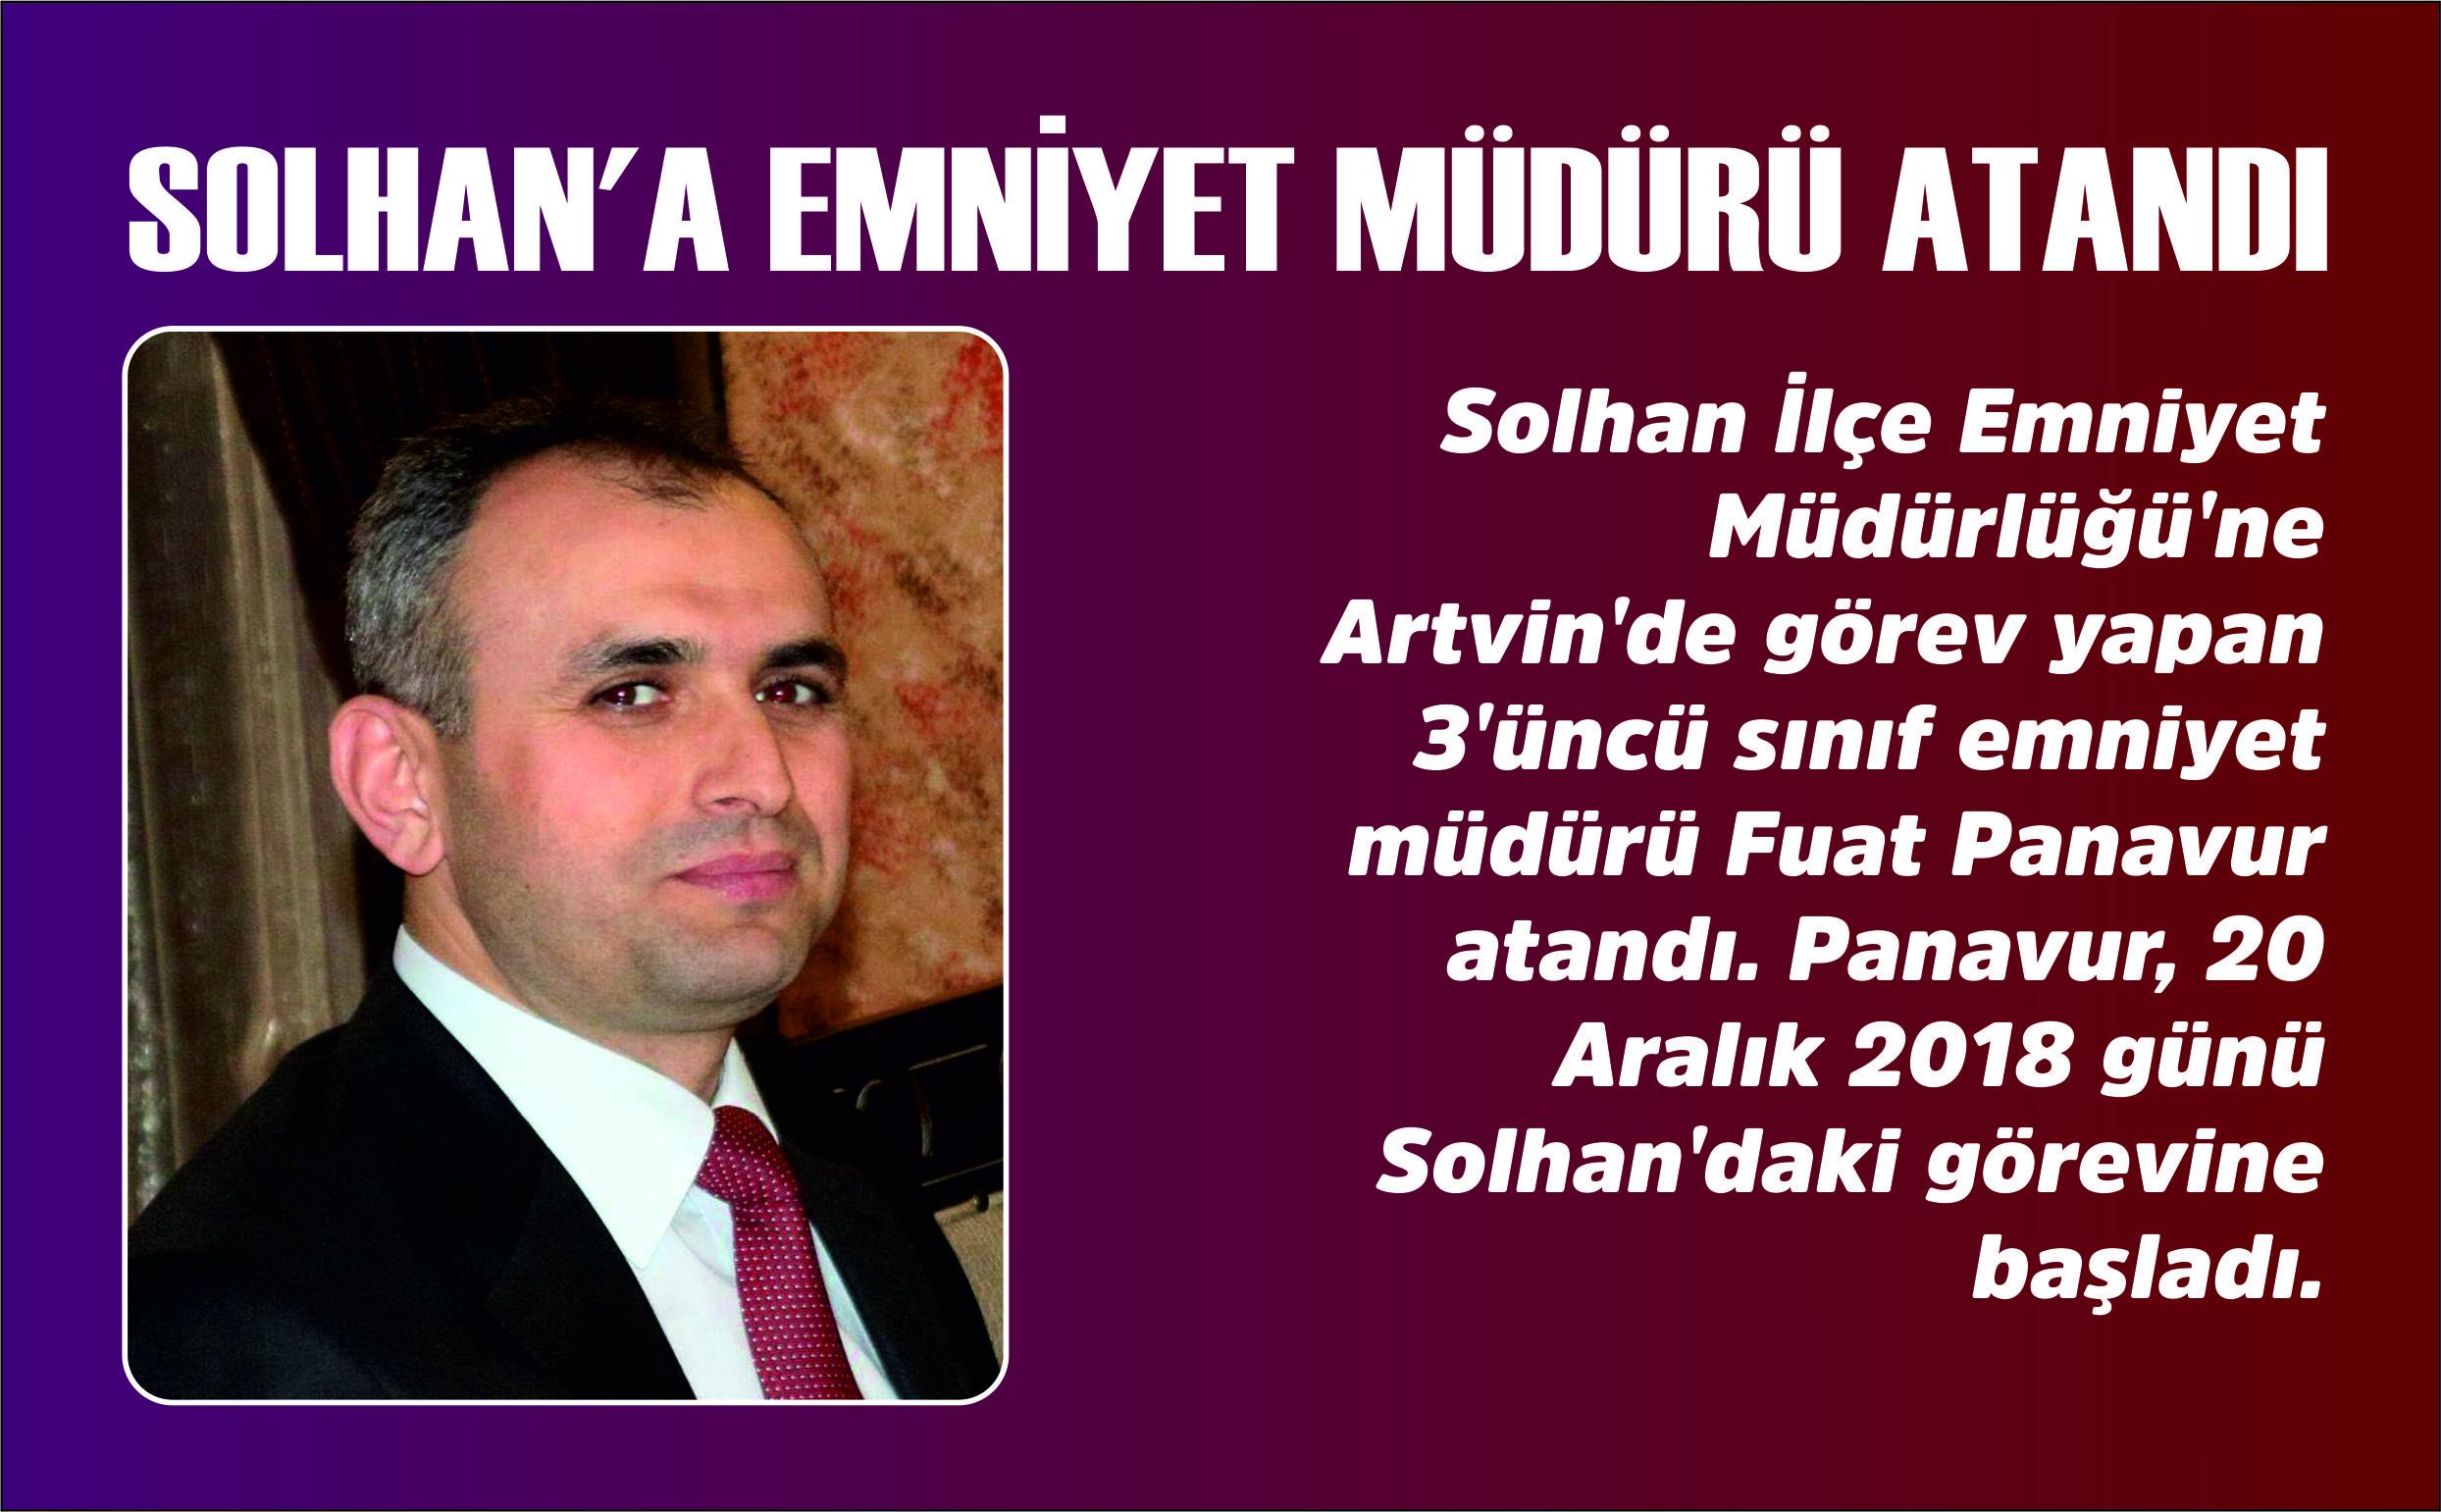 SOLHAN'A EMNİYET MÜDÜRÜ ATANDI